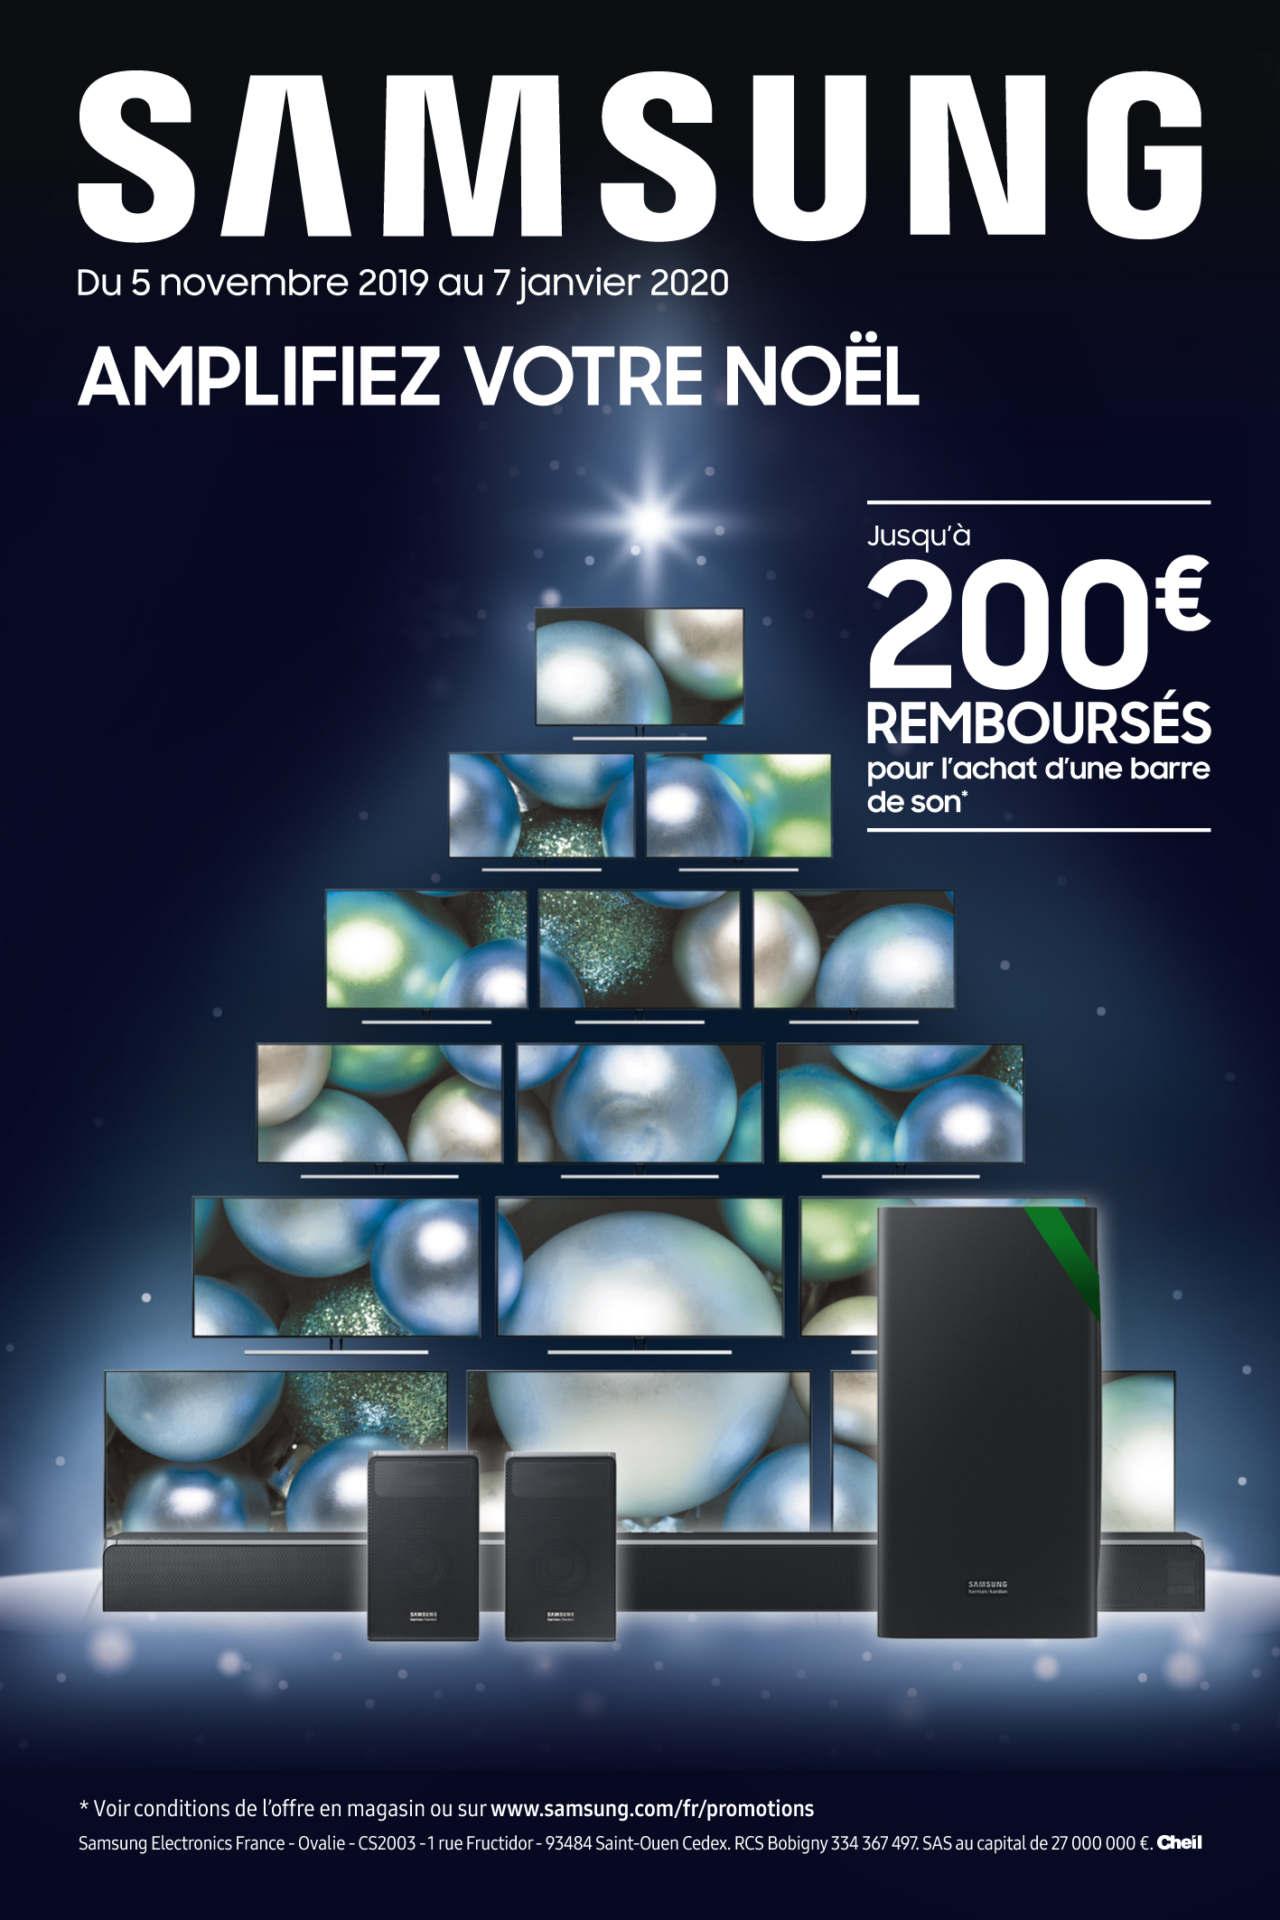 3338_Promotion_Samsung_Amplifiez_votre_Noel-1